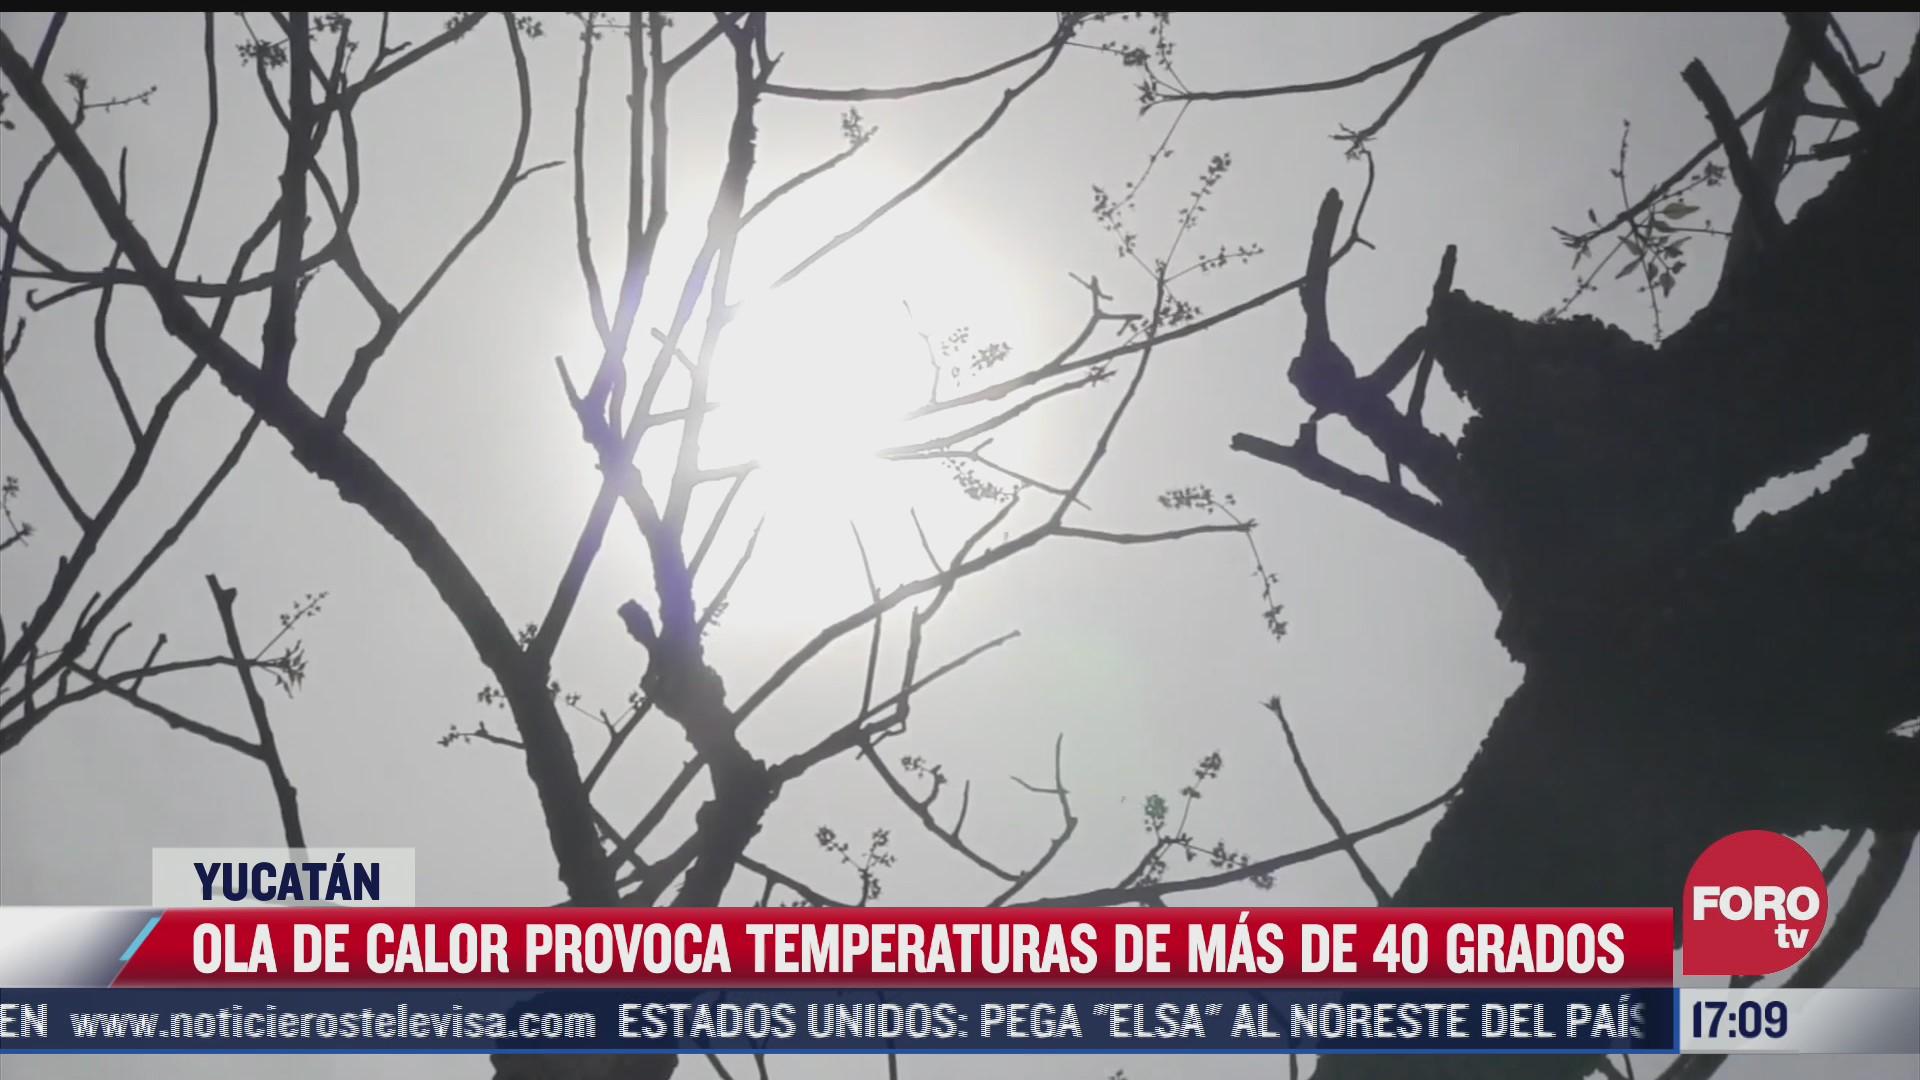 yucatan registra temperaturas superiores a 40 grados